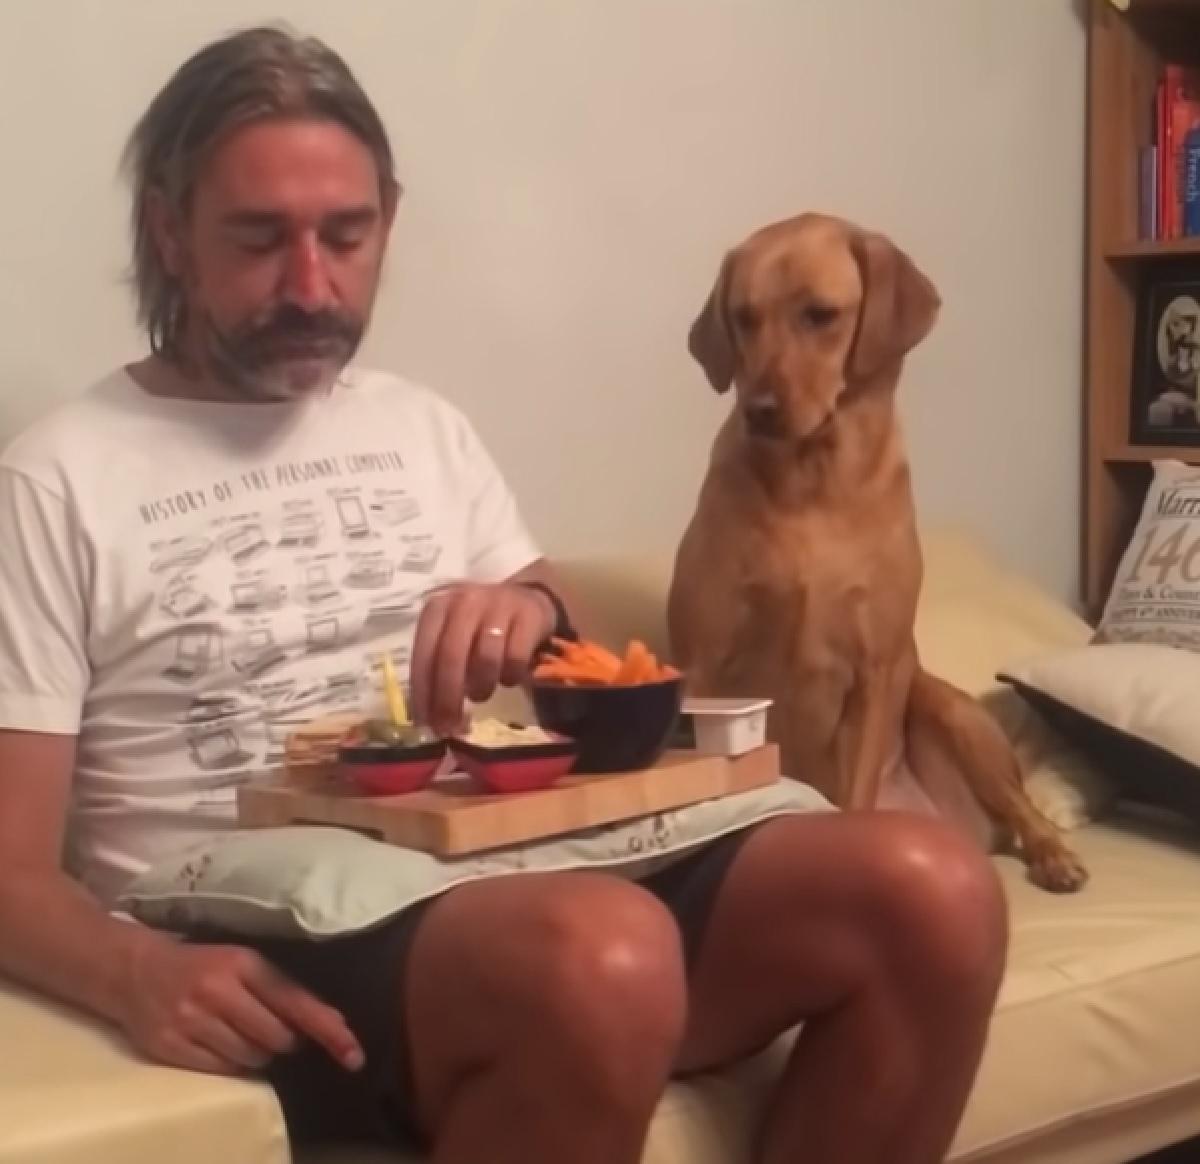 Cucciolo di cane fissa il cibo, ciò che fa quando capisce di essere stato scoperto è esilarante, ecco il video